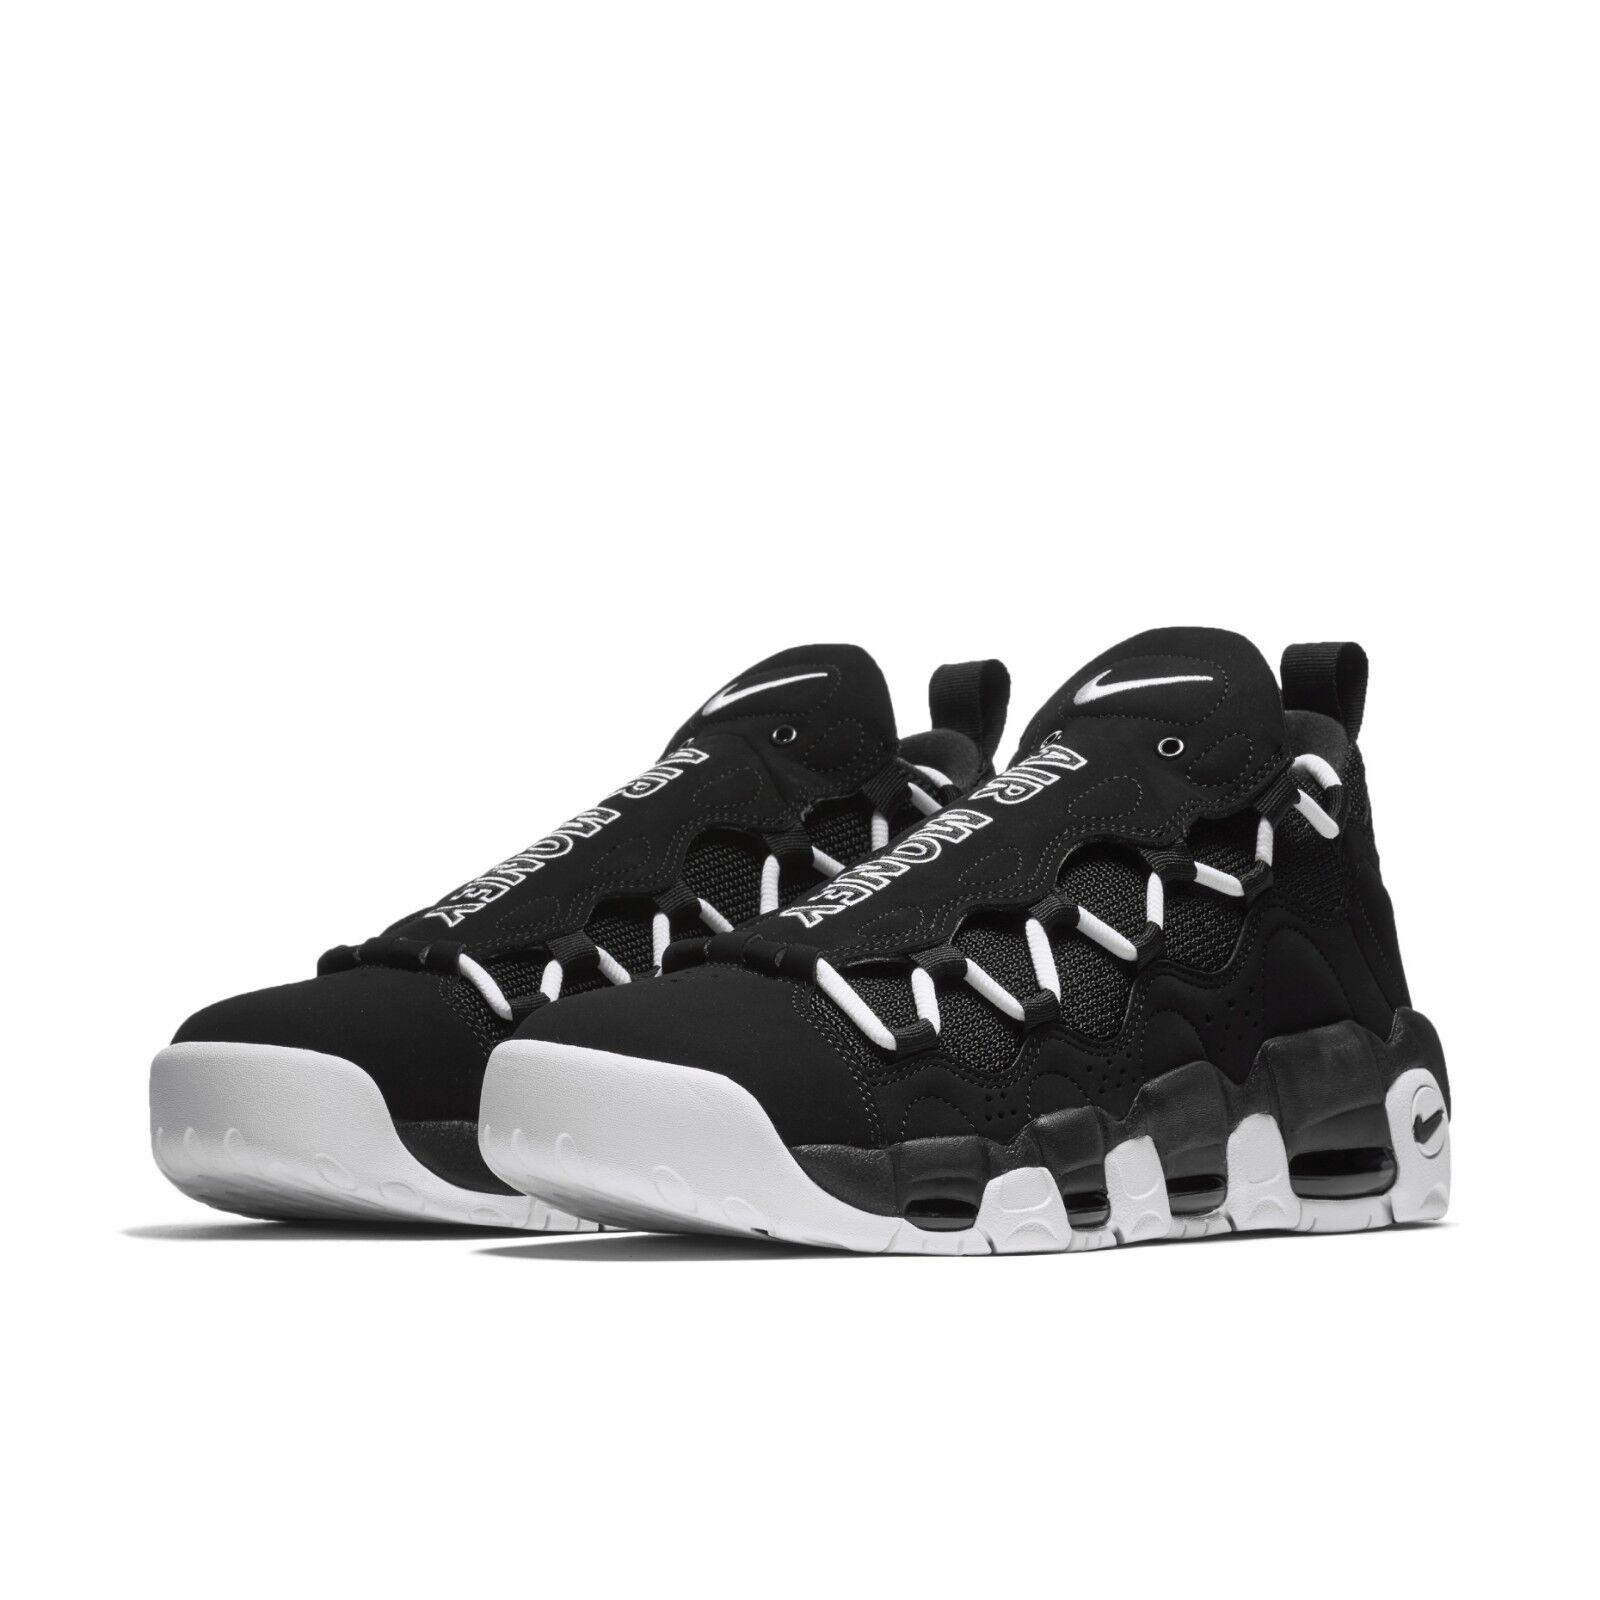 hommes en noir et blanc de nike air baskets plus d'argent aj2998-001 reggie miller les baskets air bf66de